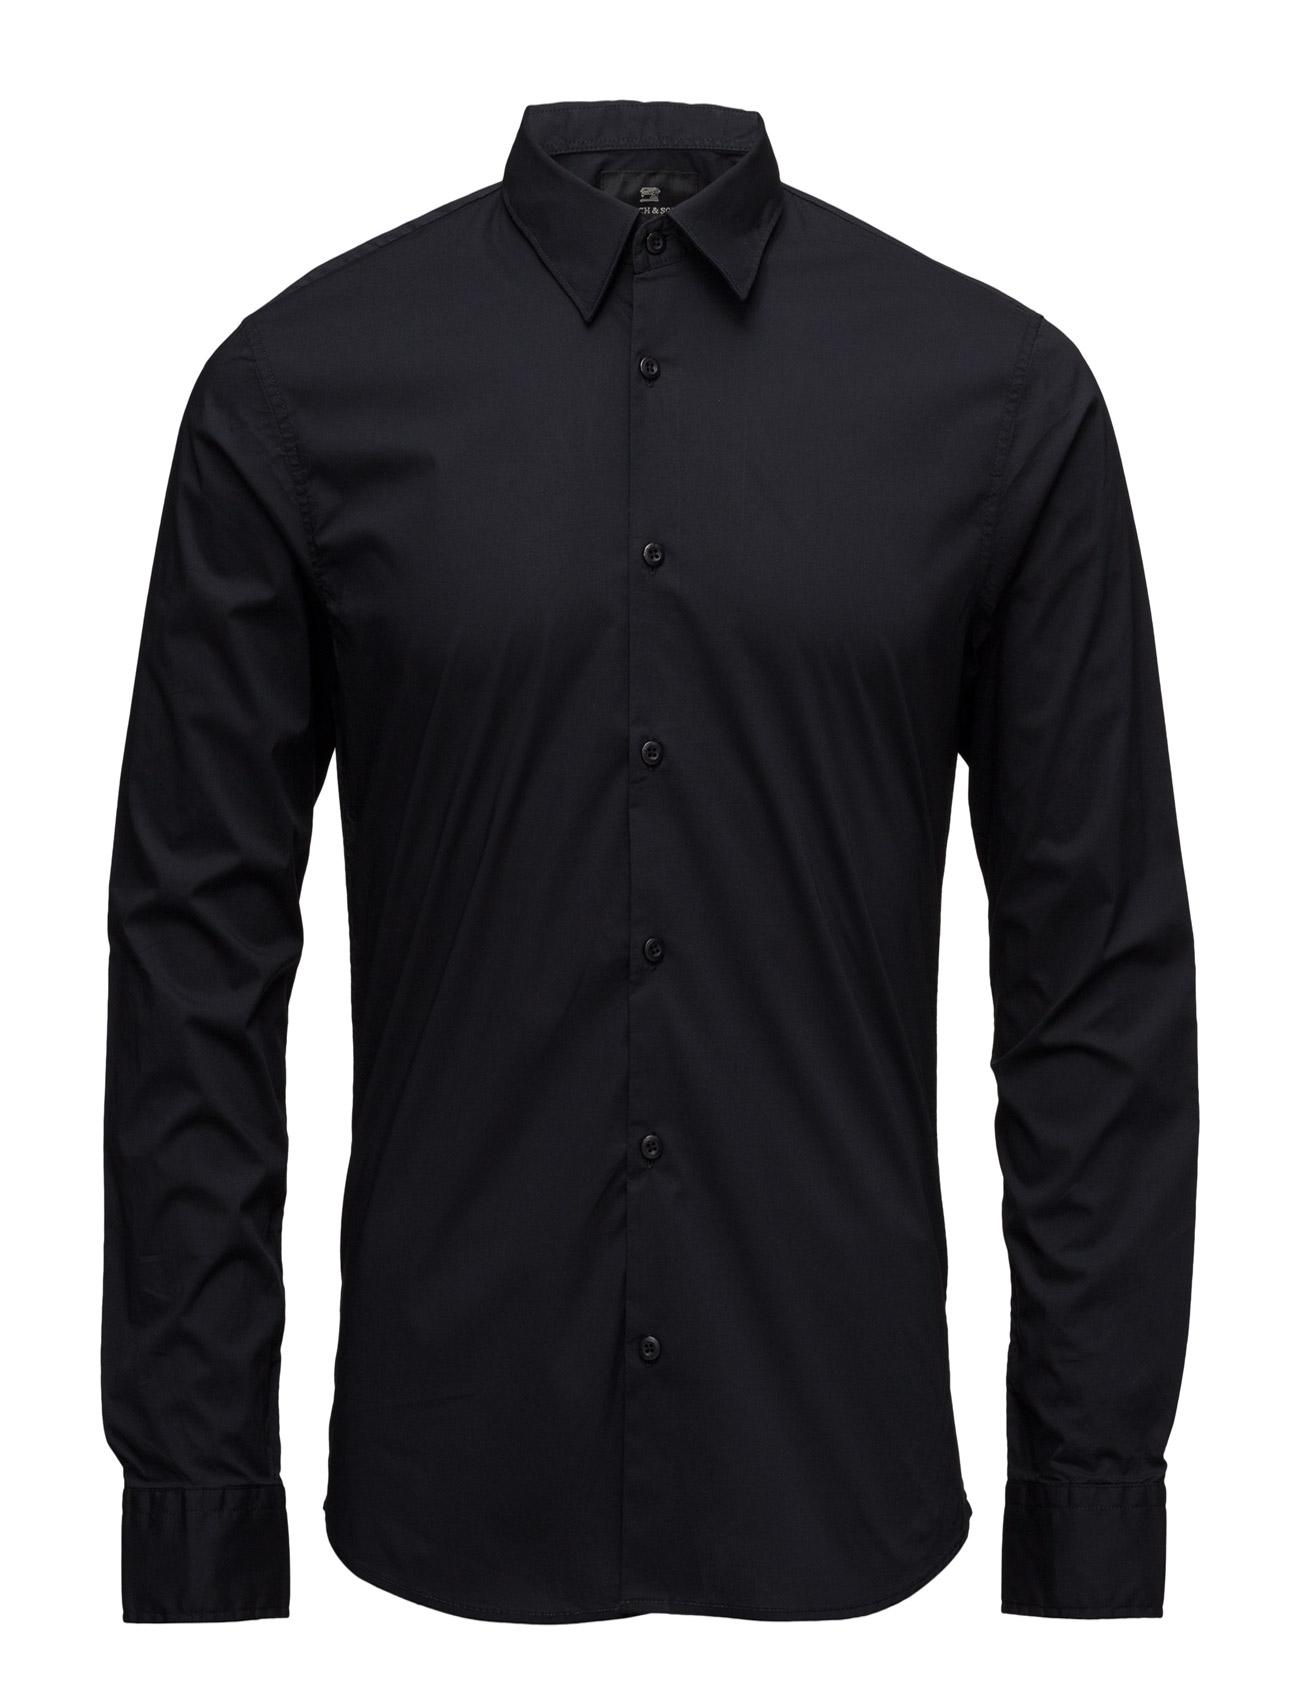 Nos - Classic Longsleeve Shirt Scotch & Soda Trøjer til Mænd i 58 Nat